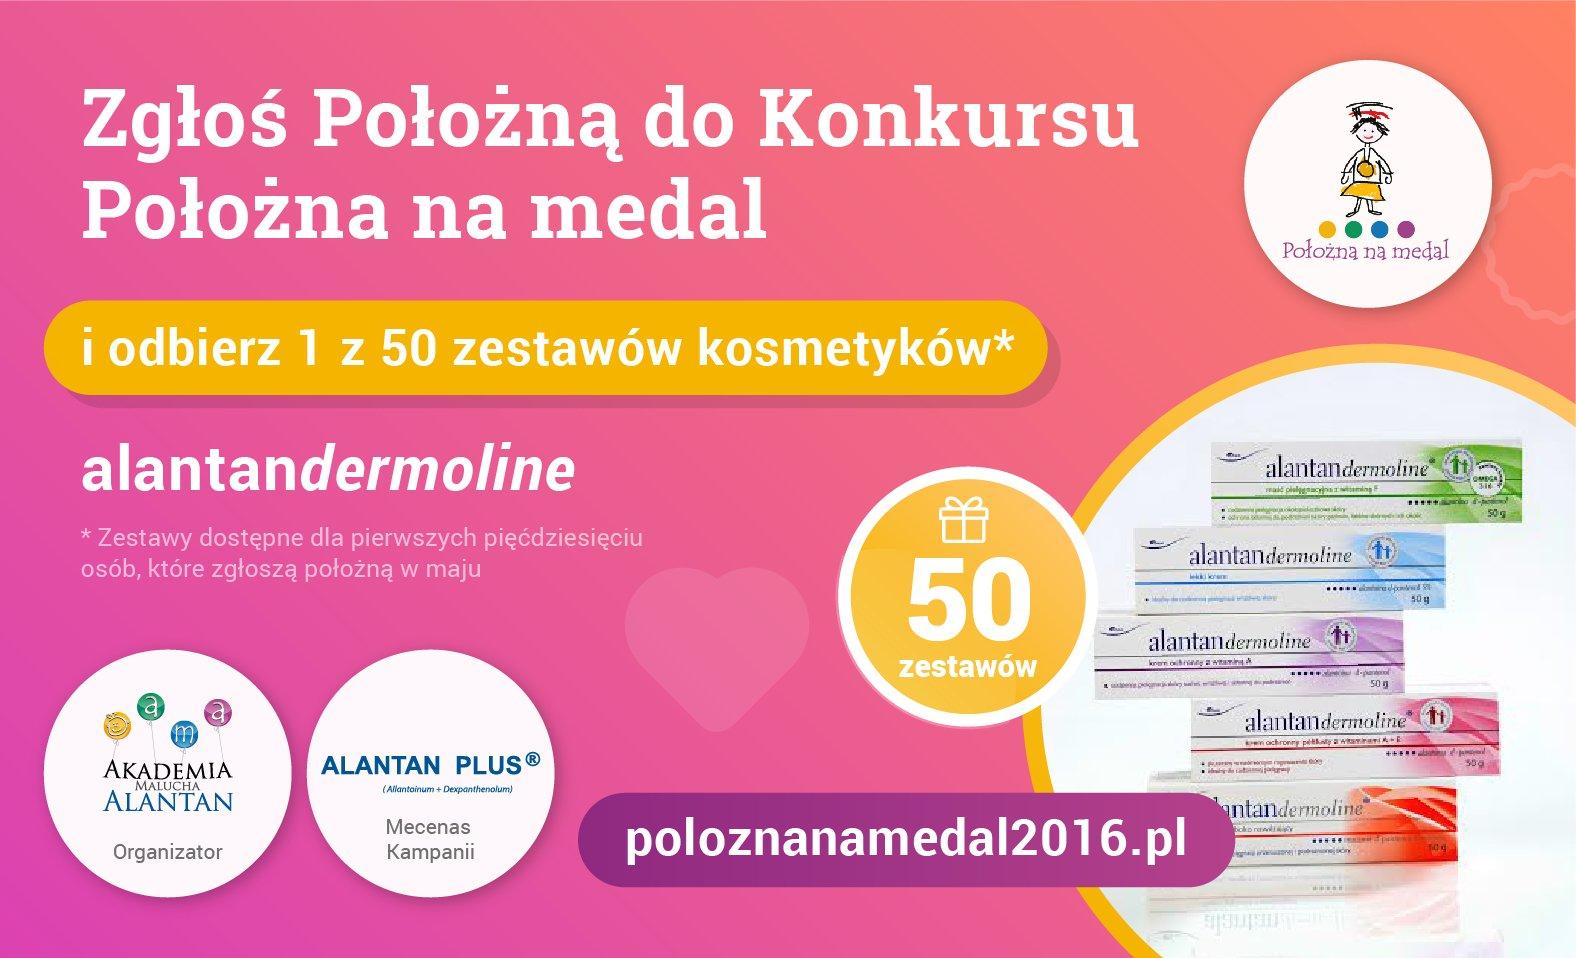 POłożna na medal zgłoszenia do konkursu 2016